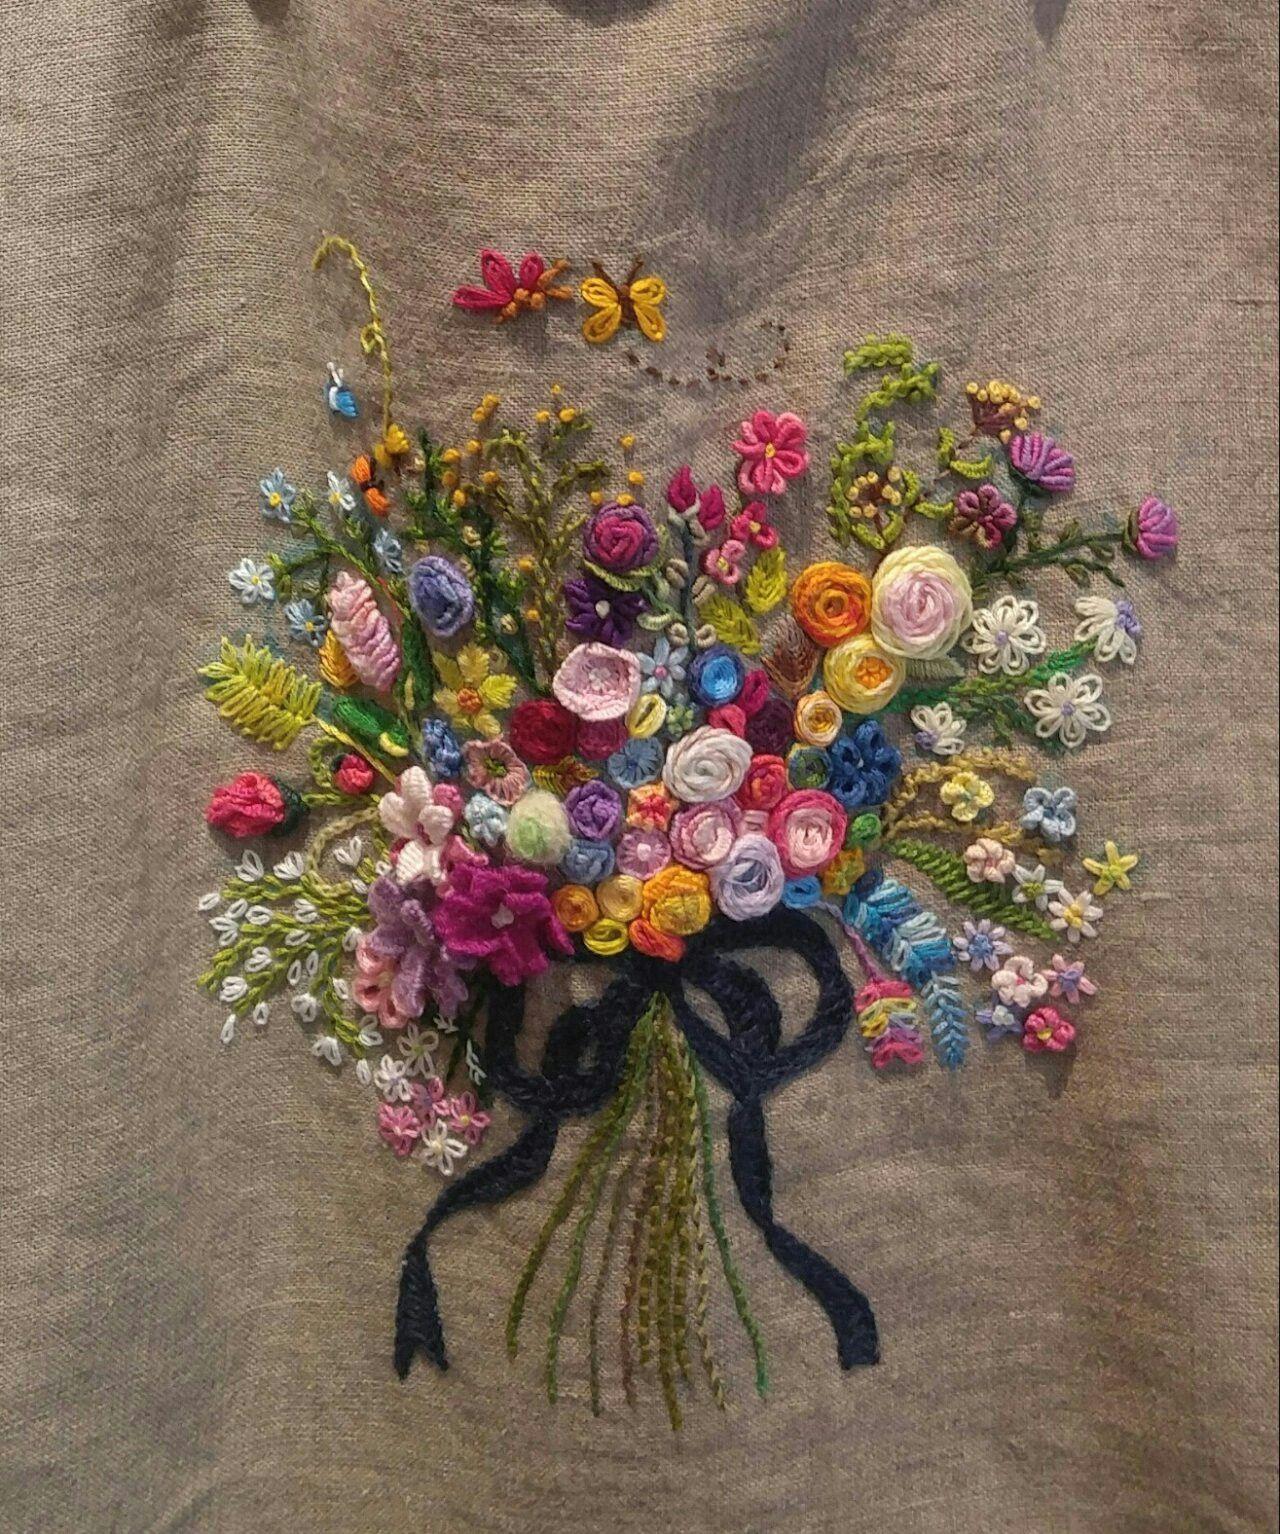 pingl par katy gwag sur pinterest broderie bouquets de fleurs et bouquet. Black Bedroom Furniture Sets. Home Design Ideas